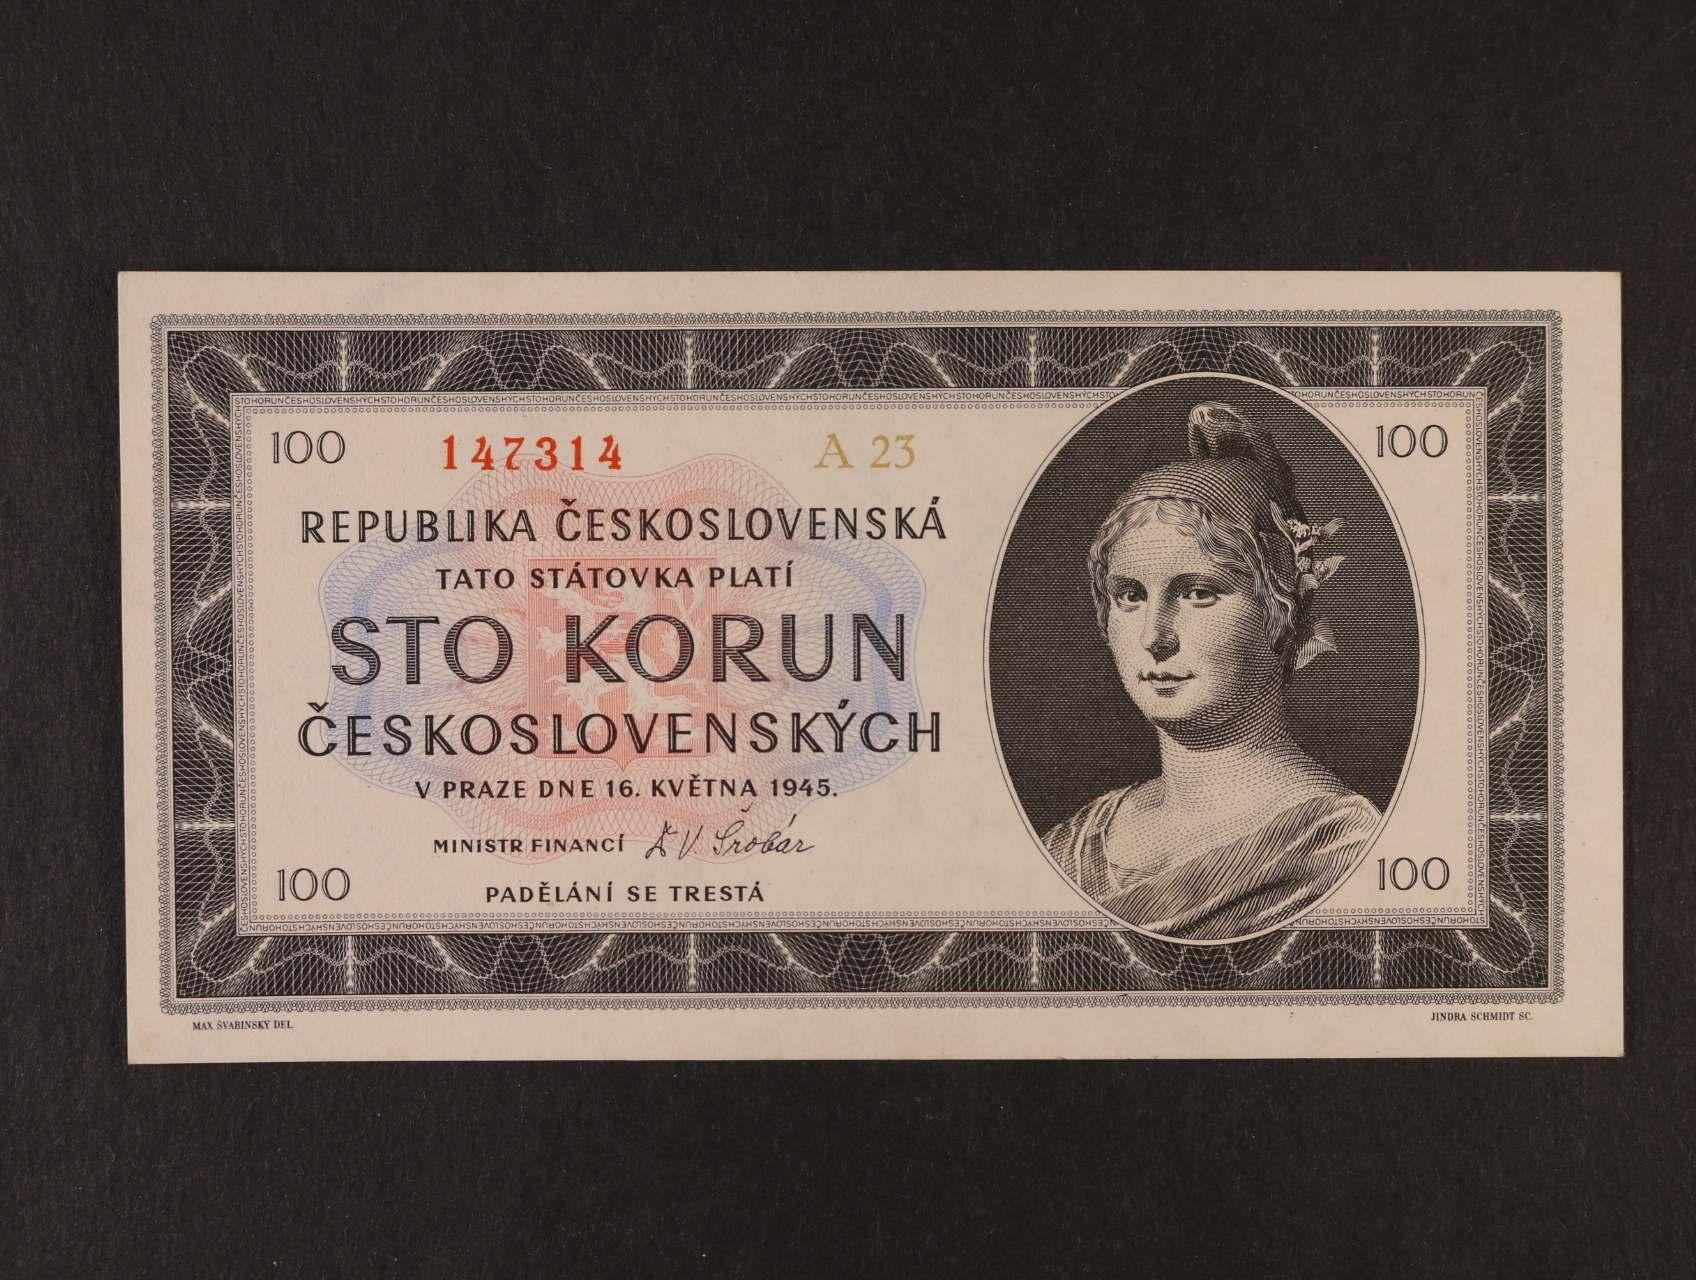 100 Kčs 16.5.1945 série A 23, Ba. 77a1, Pi. 67a